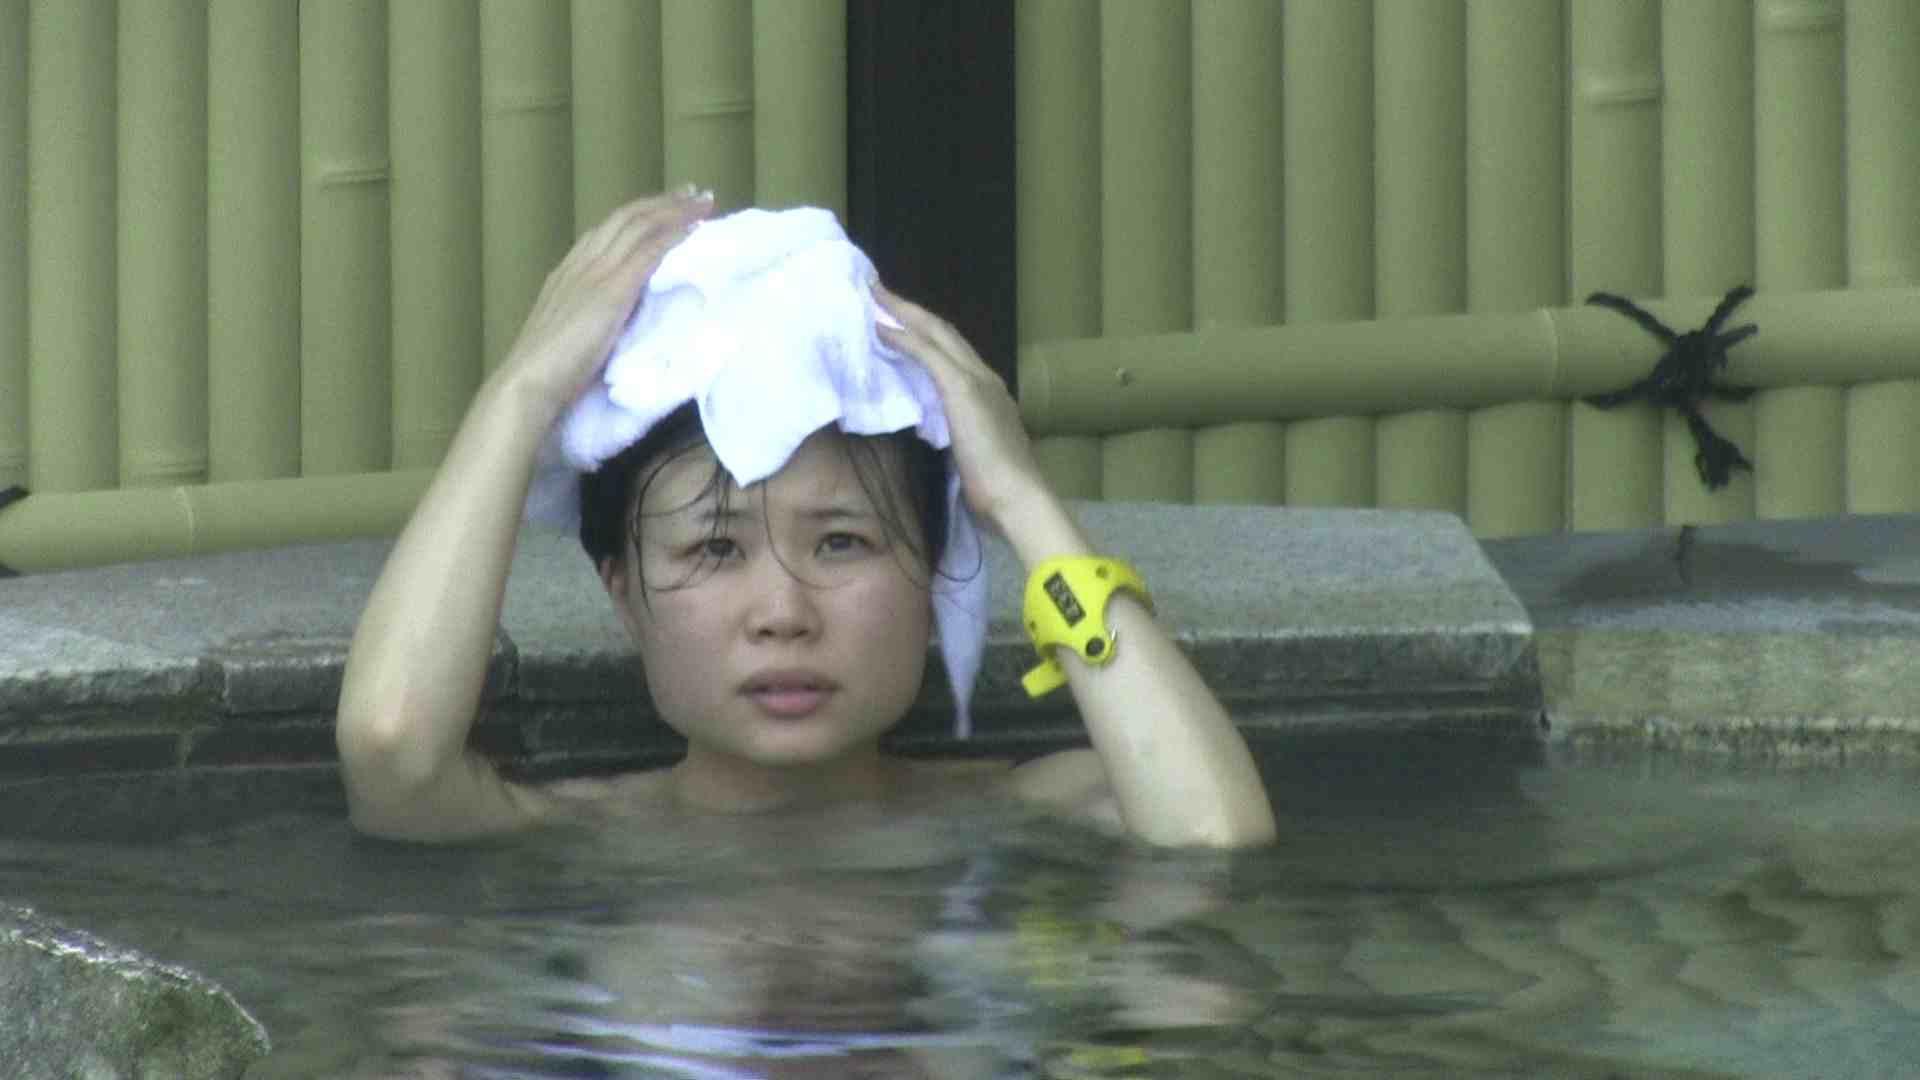 Aquaな露天風呂Vol.183 HなOL 盗撮動画紹介 106pic 72